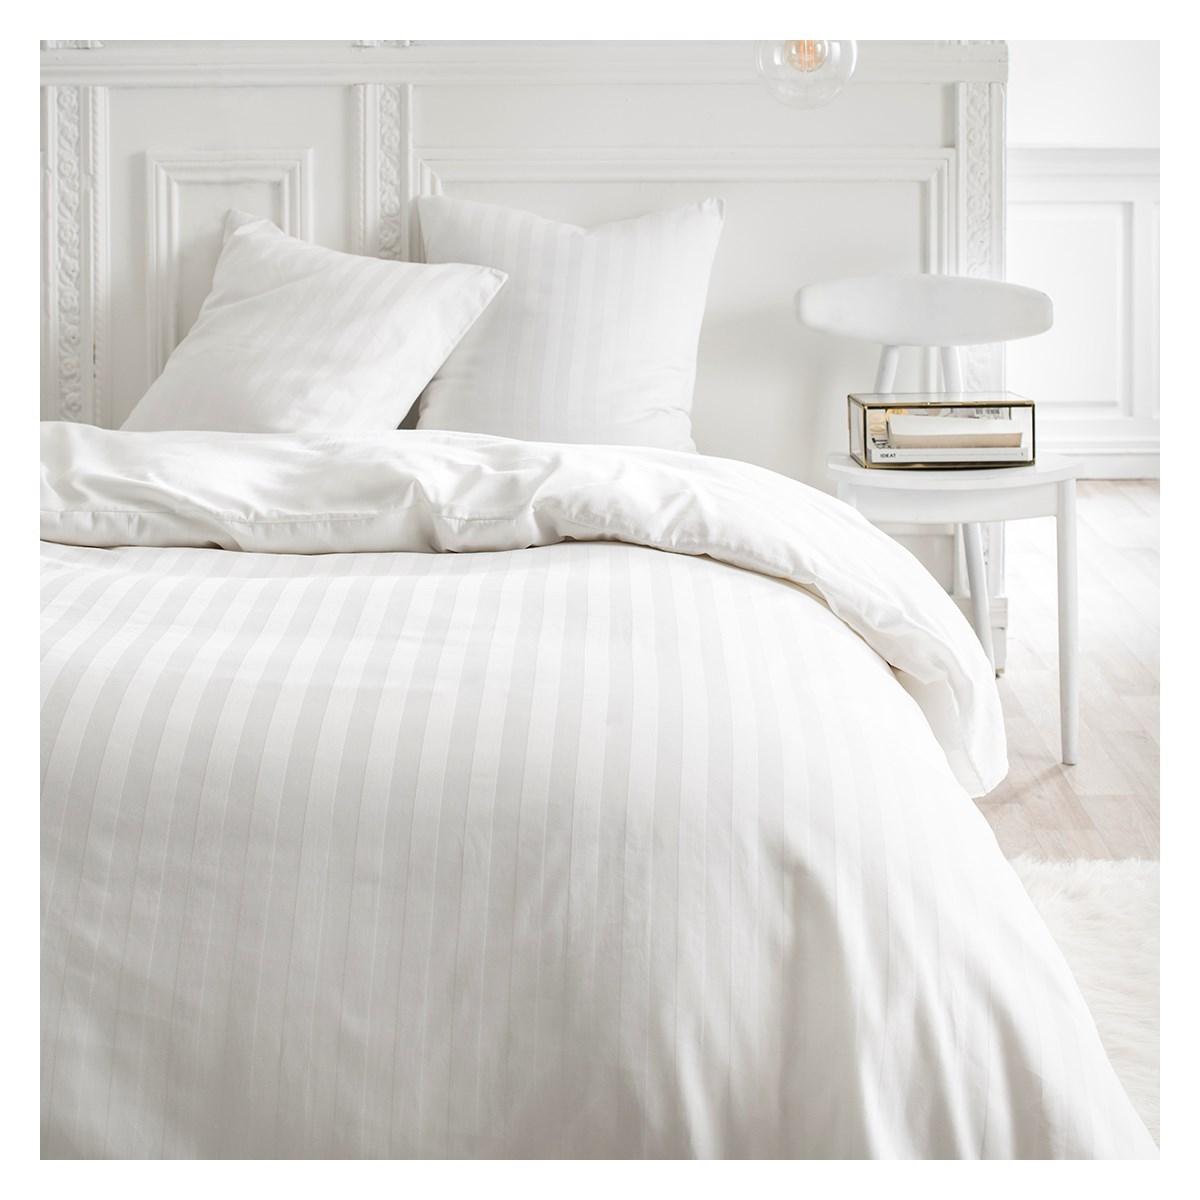 Parure de lit 2 personnes en Coton Blanc 240x260 cm